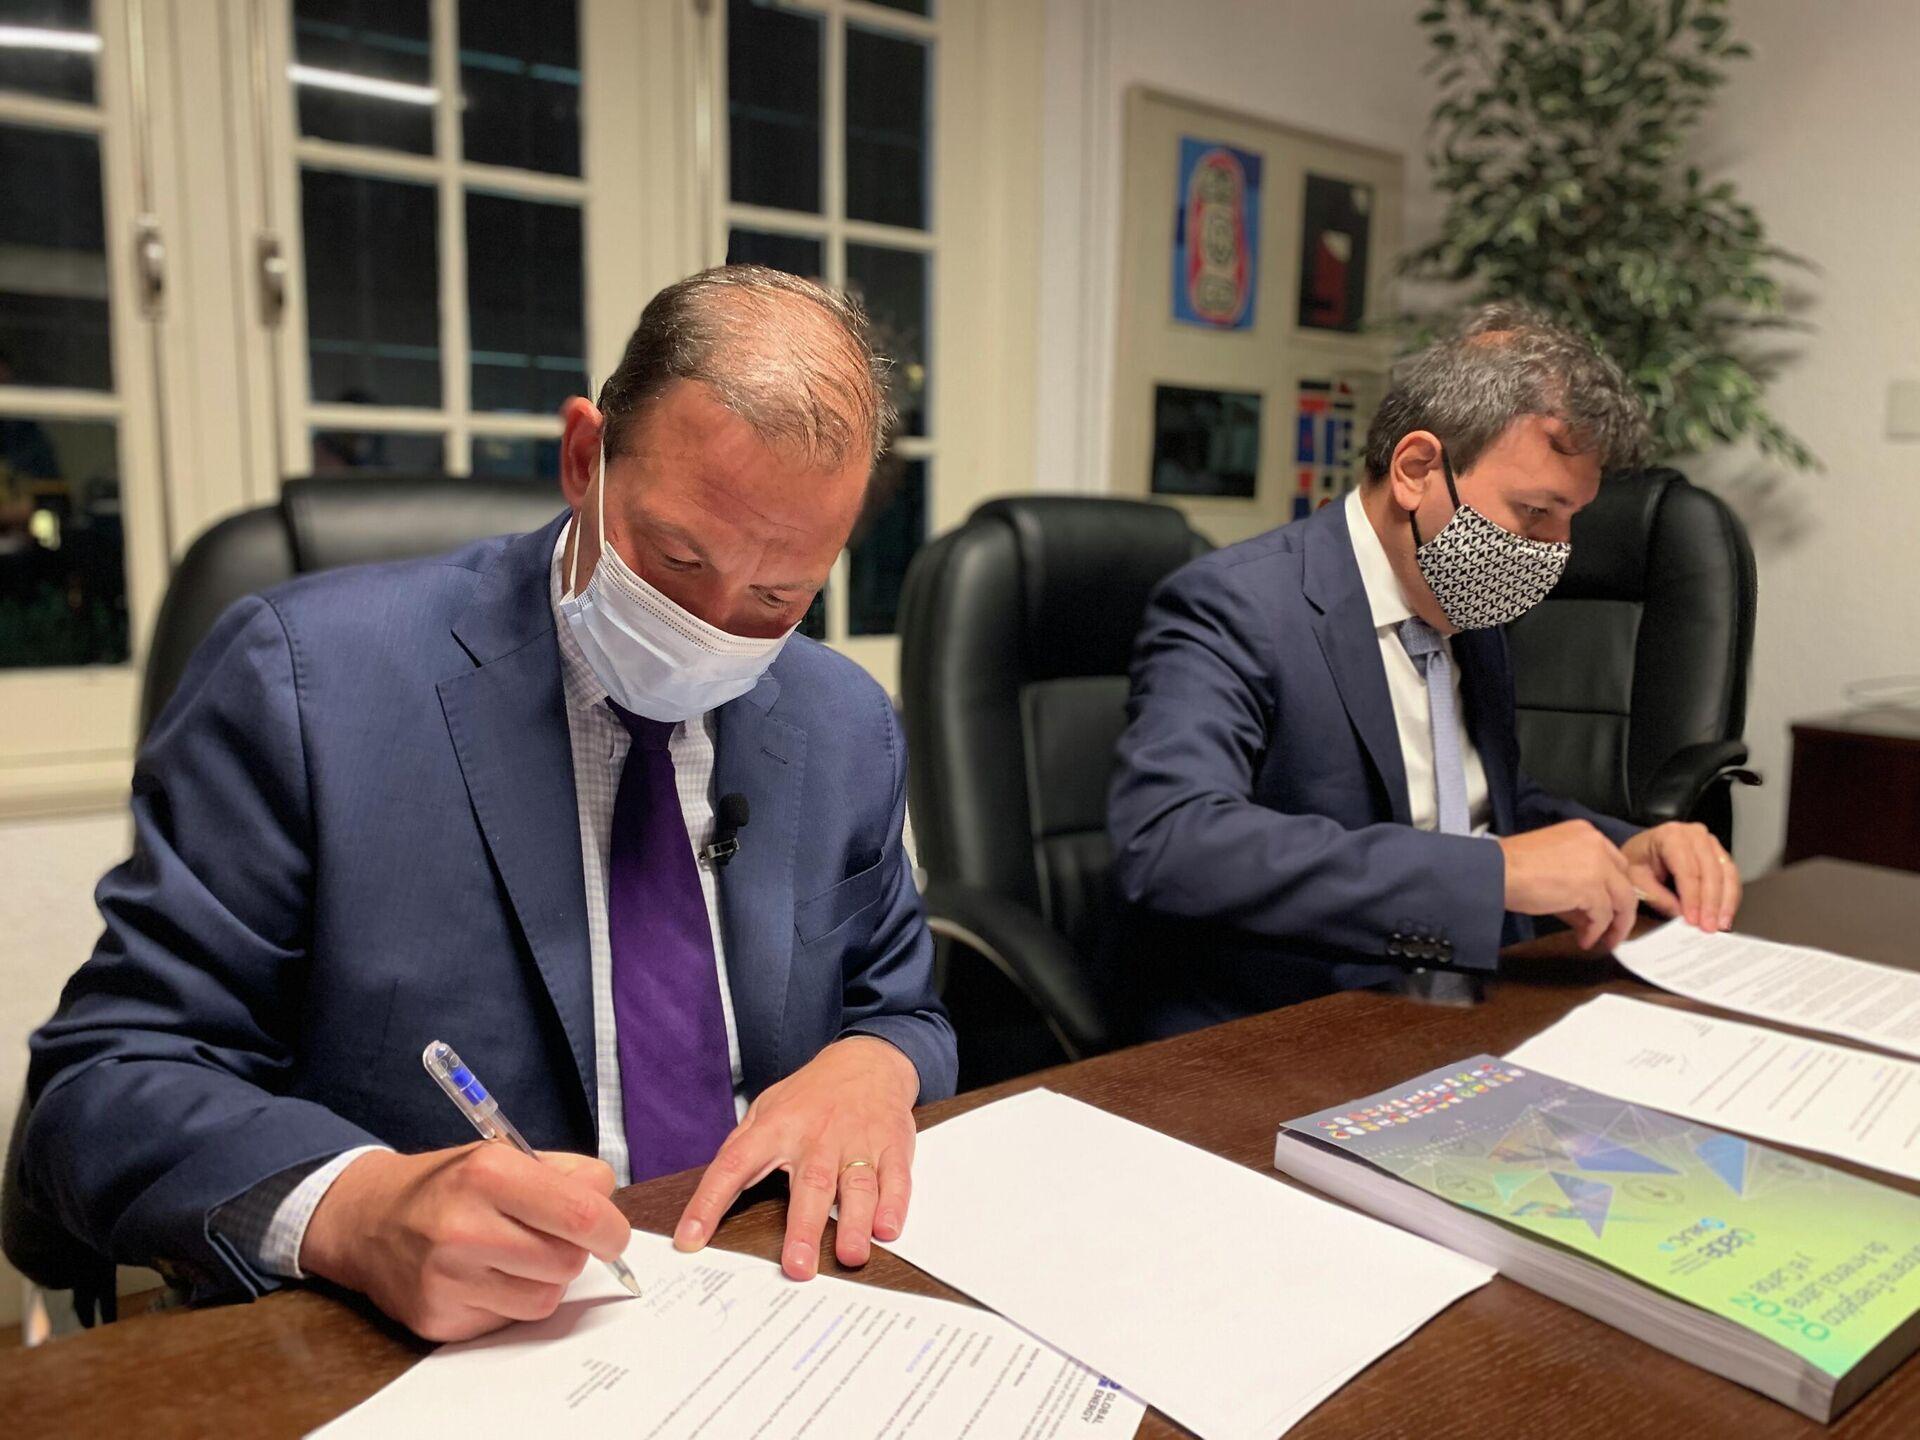 El secretario ejecutivo de OLADE, Alfonso Blanco Bonilla, y el presidente de Global Energy, Sergey Brilev, suscriben el convenio - Sputnik Mundo, 1920, 07.08.2021